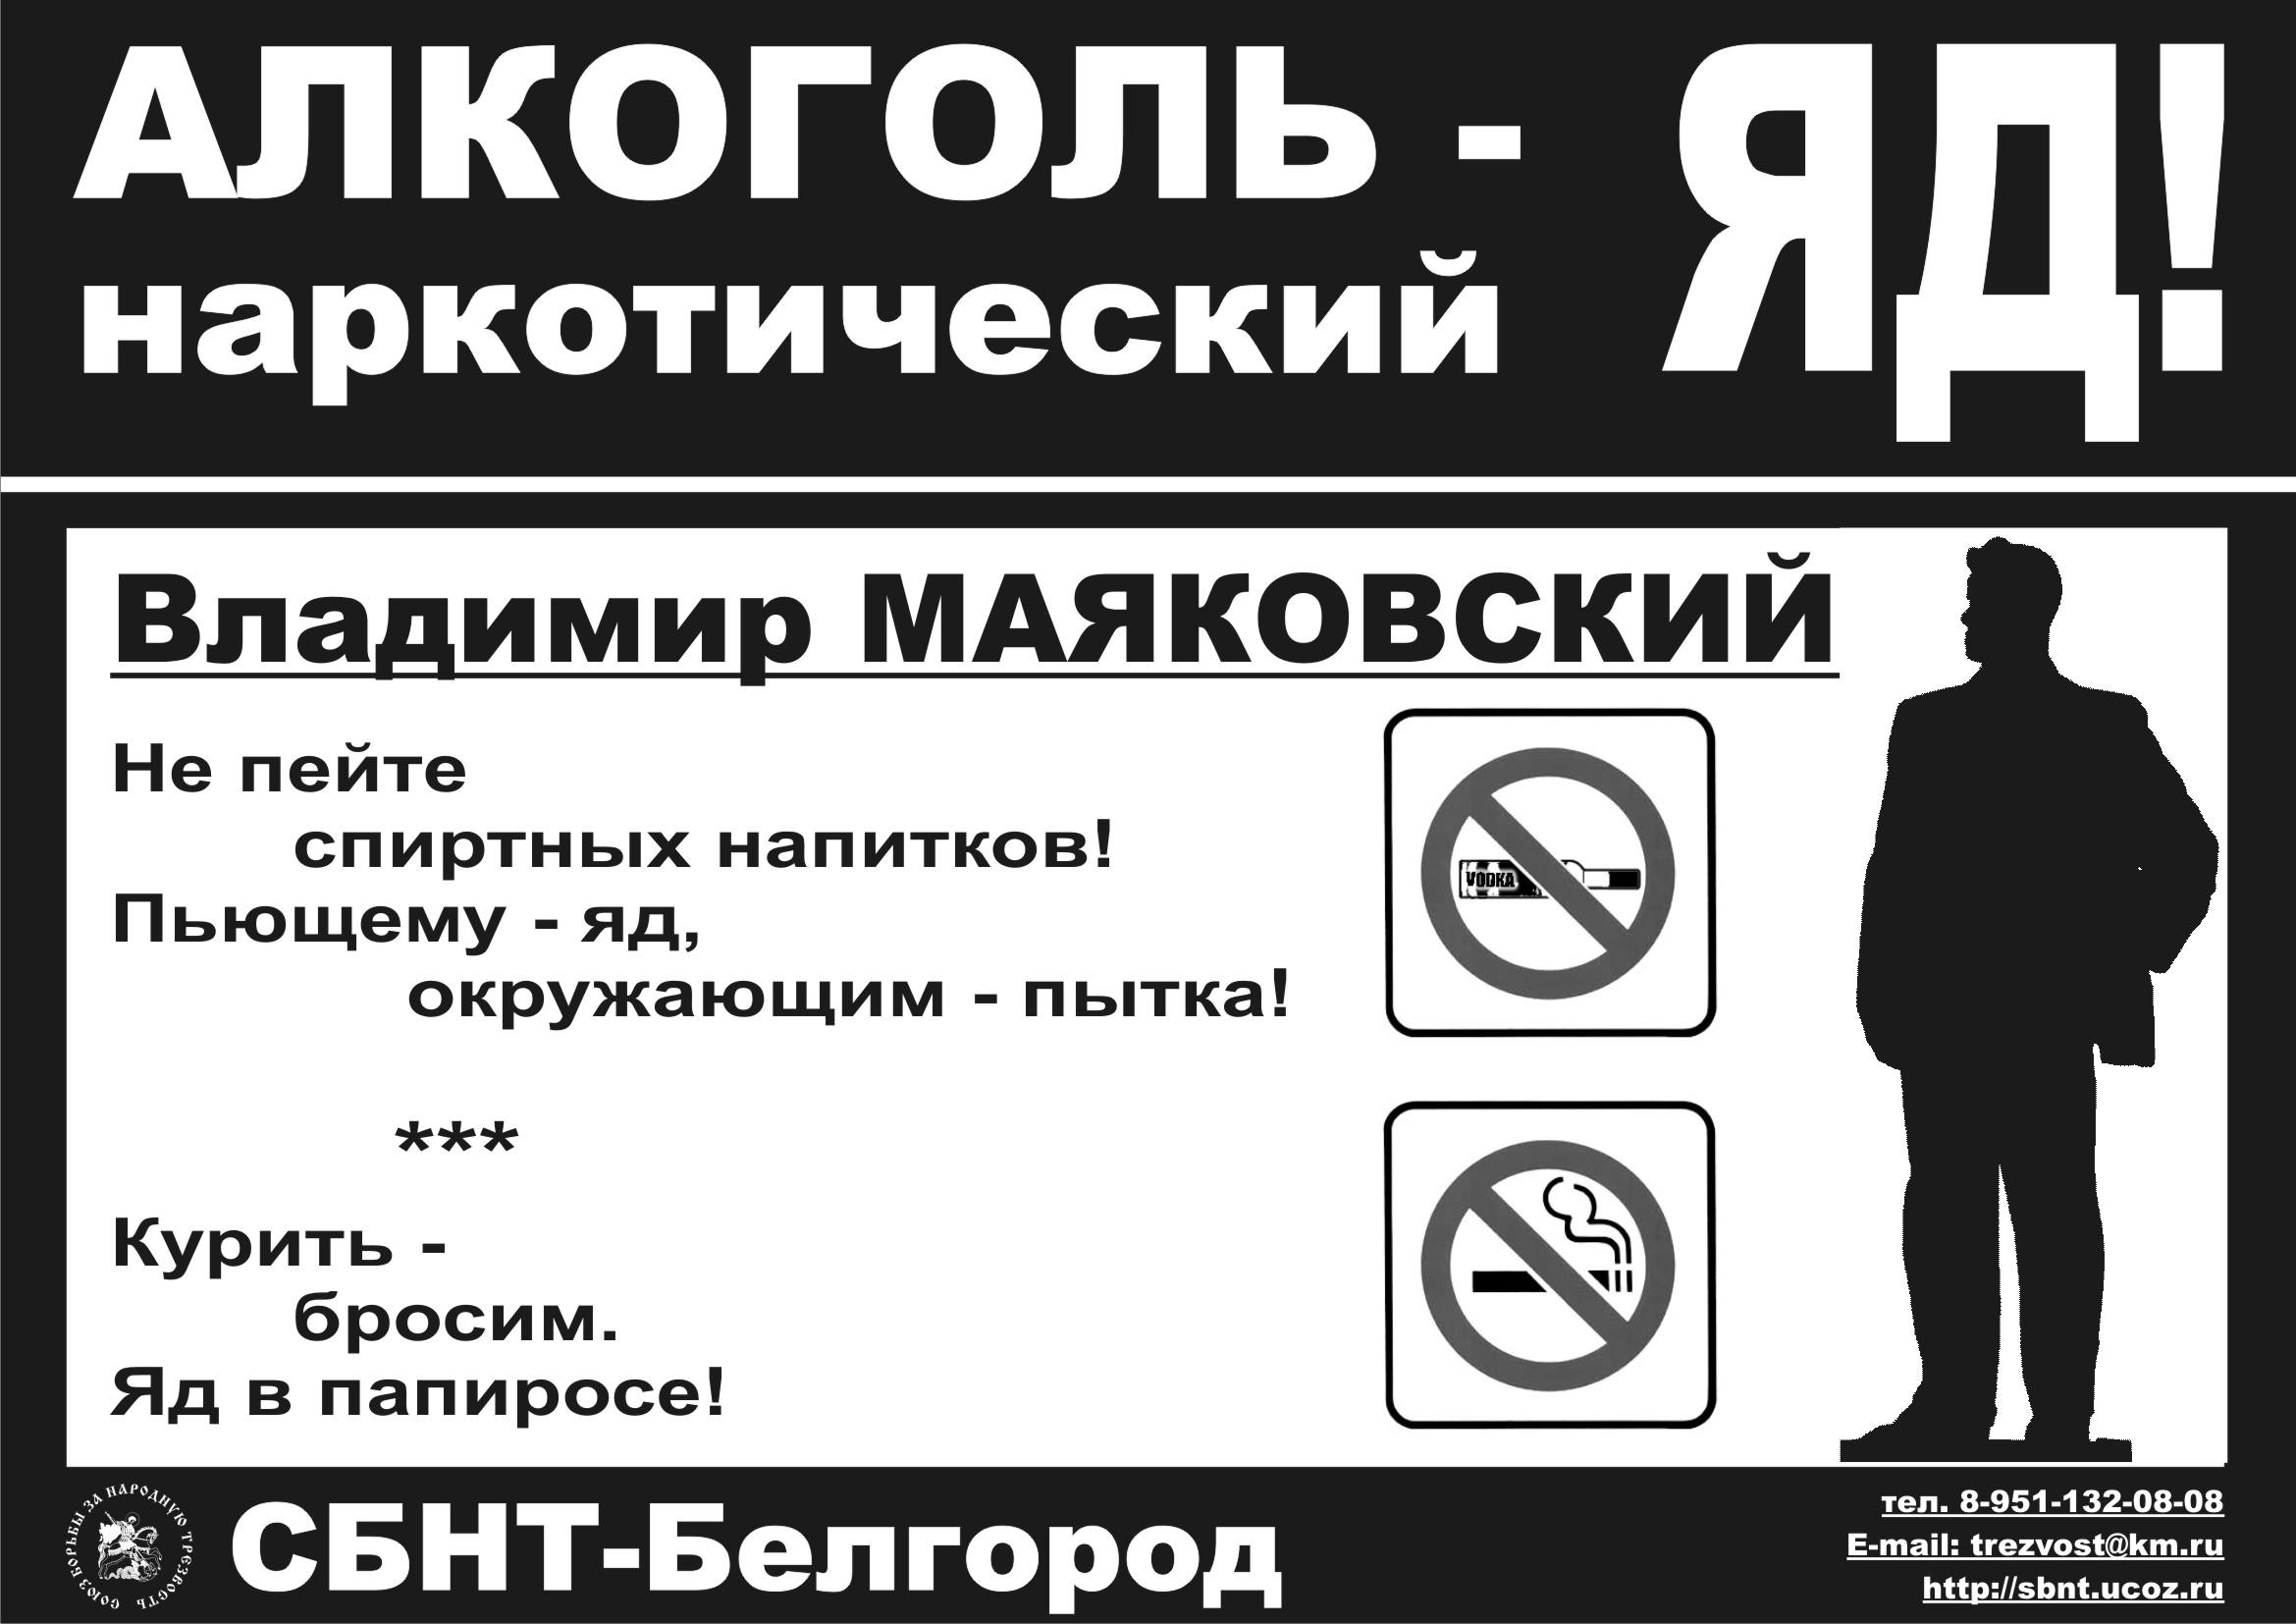 Посмотреть плакаты против наркомании табакокурения и алкоголизма лечение алкоголизма-днепропетровск